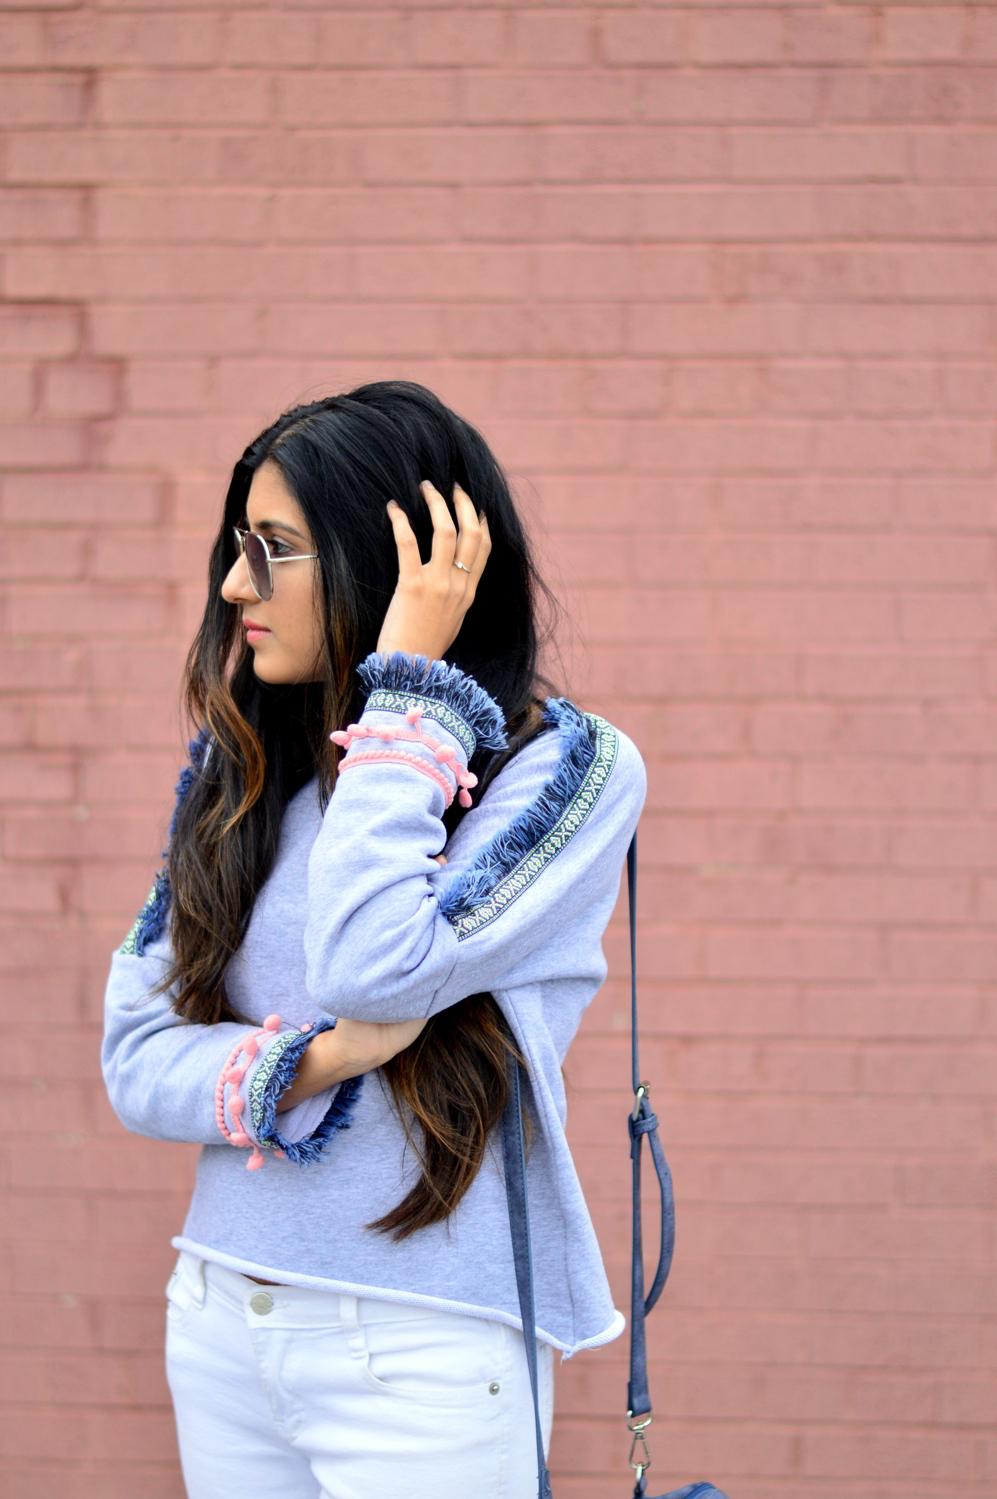 pom-fringe-sweatshirt-white-denim-basics-blogger-outfit